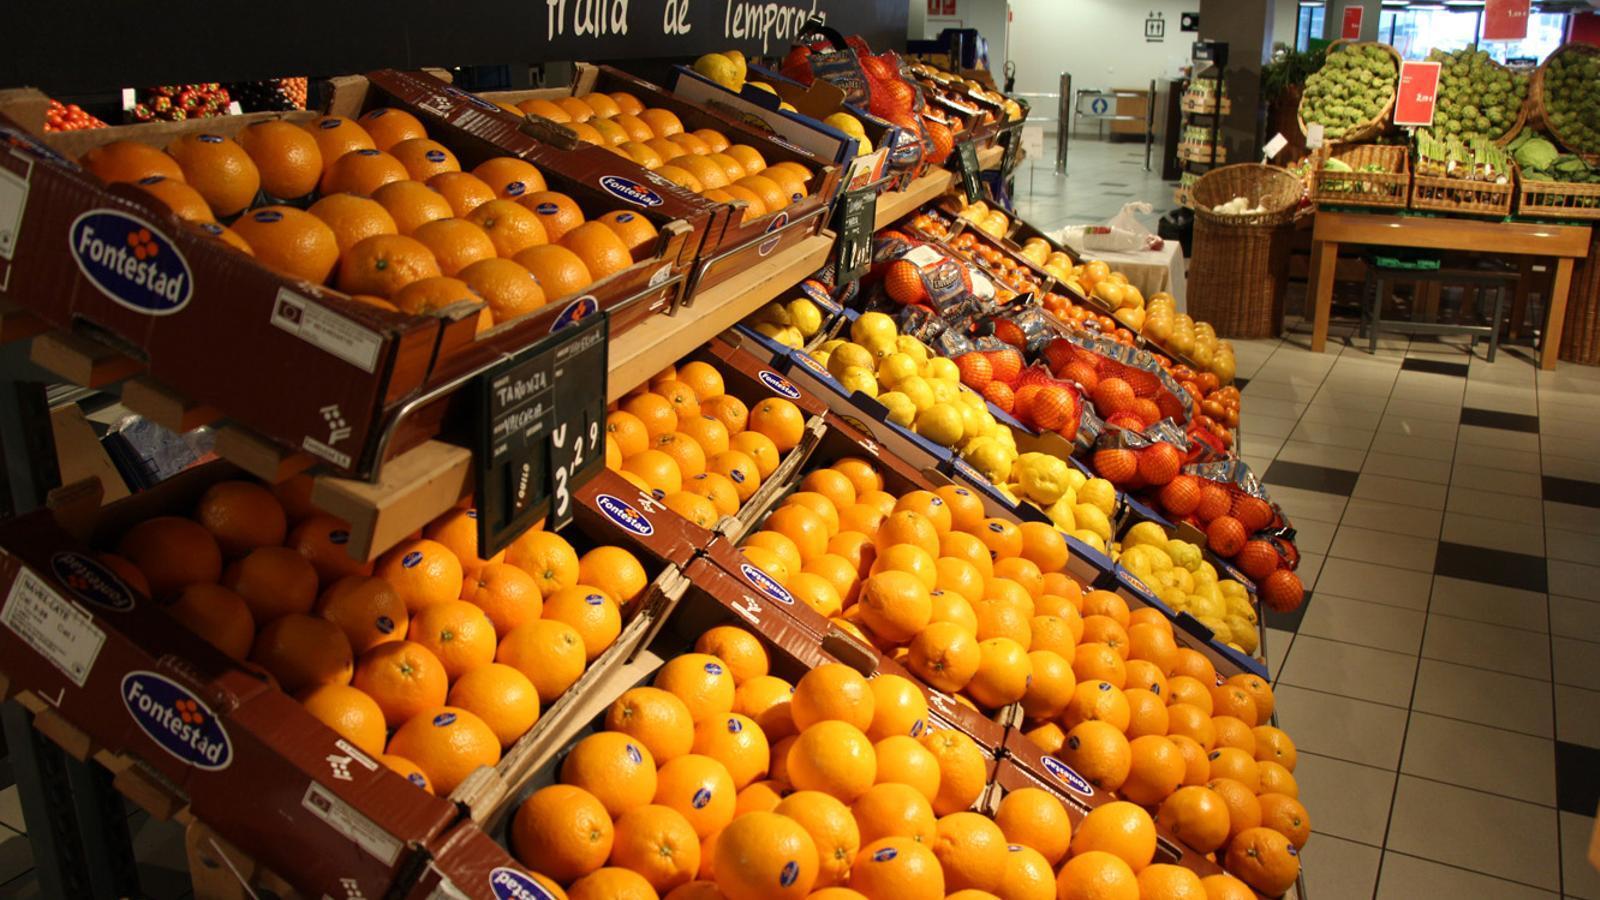 Els aliments han contribuït al descens de l'IPC. / ARXIU ANA